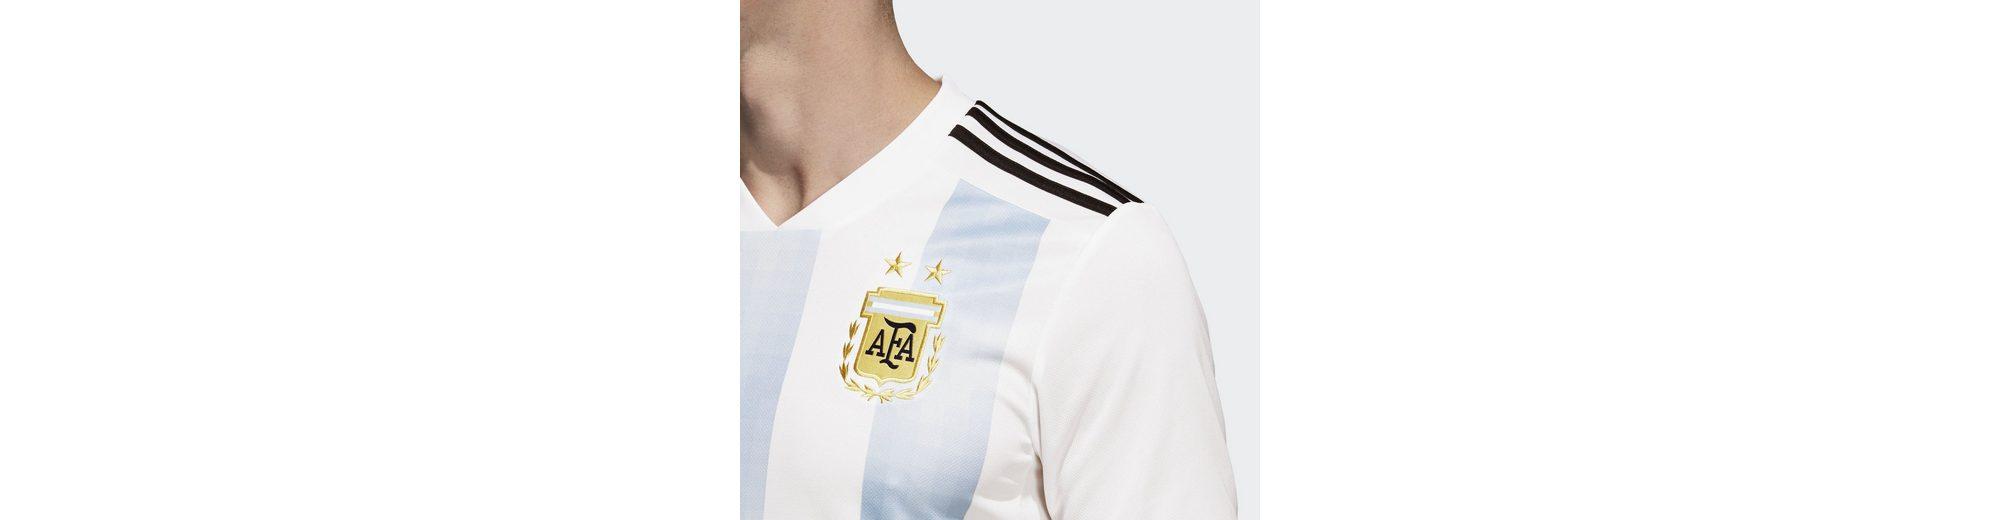 Heimtrikot Adidas Argentinien Footballtrikot Replica Performance qttUX8